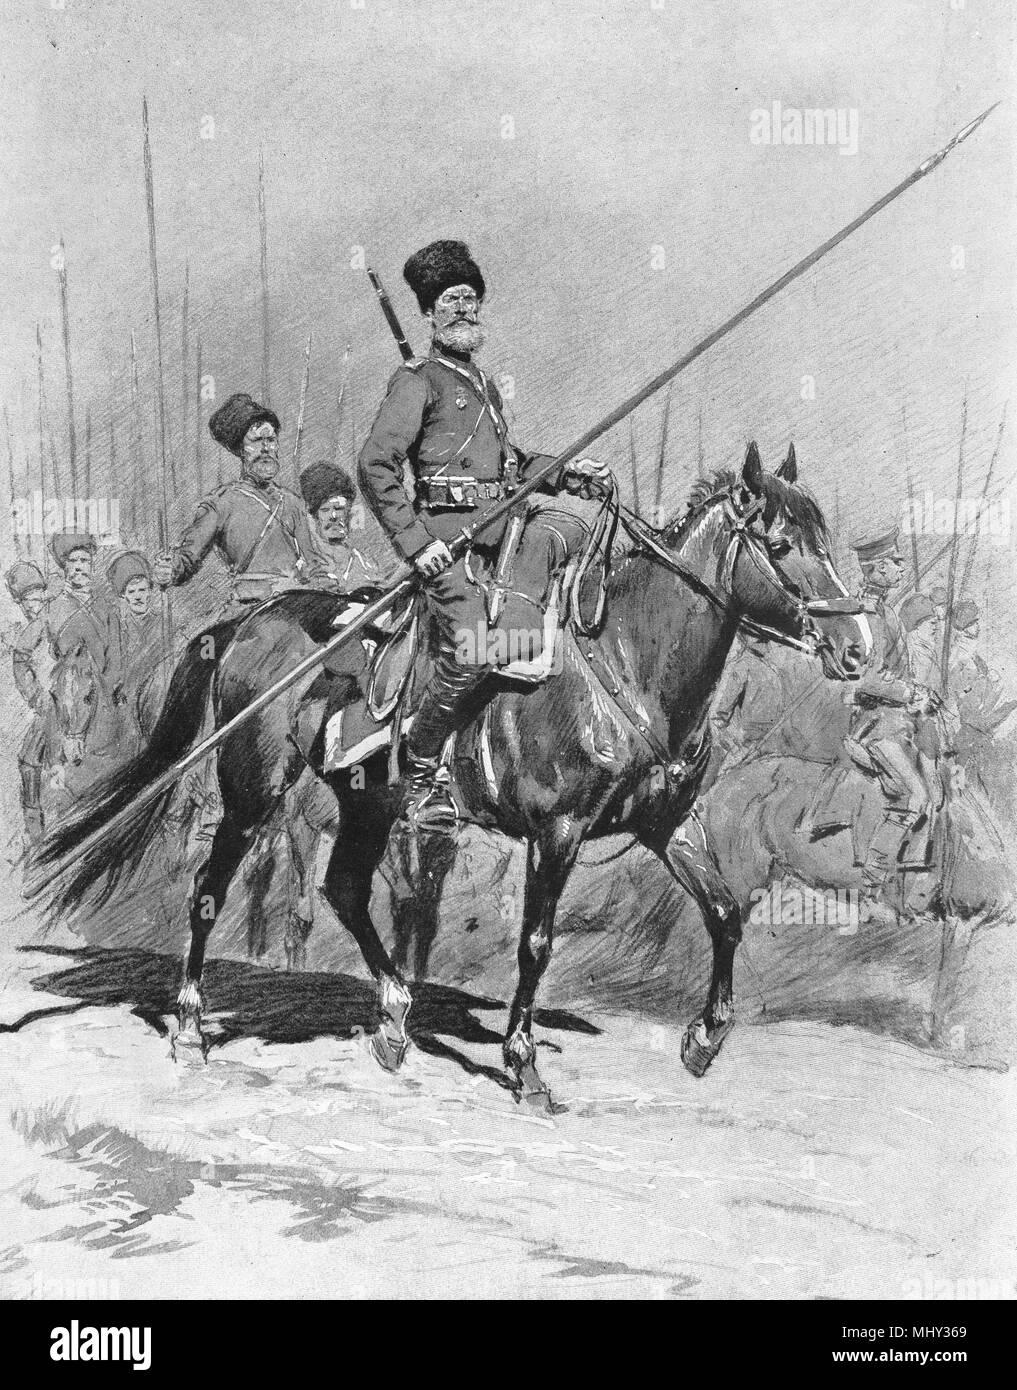 Los cosacos de caballería, Primera Guerra Mundial, Rusia Imagen De Stock